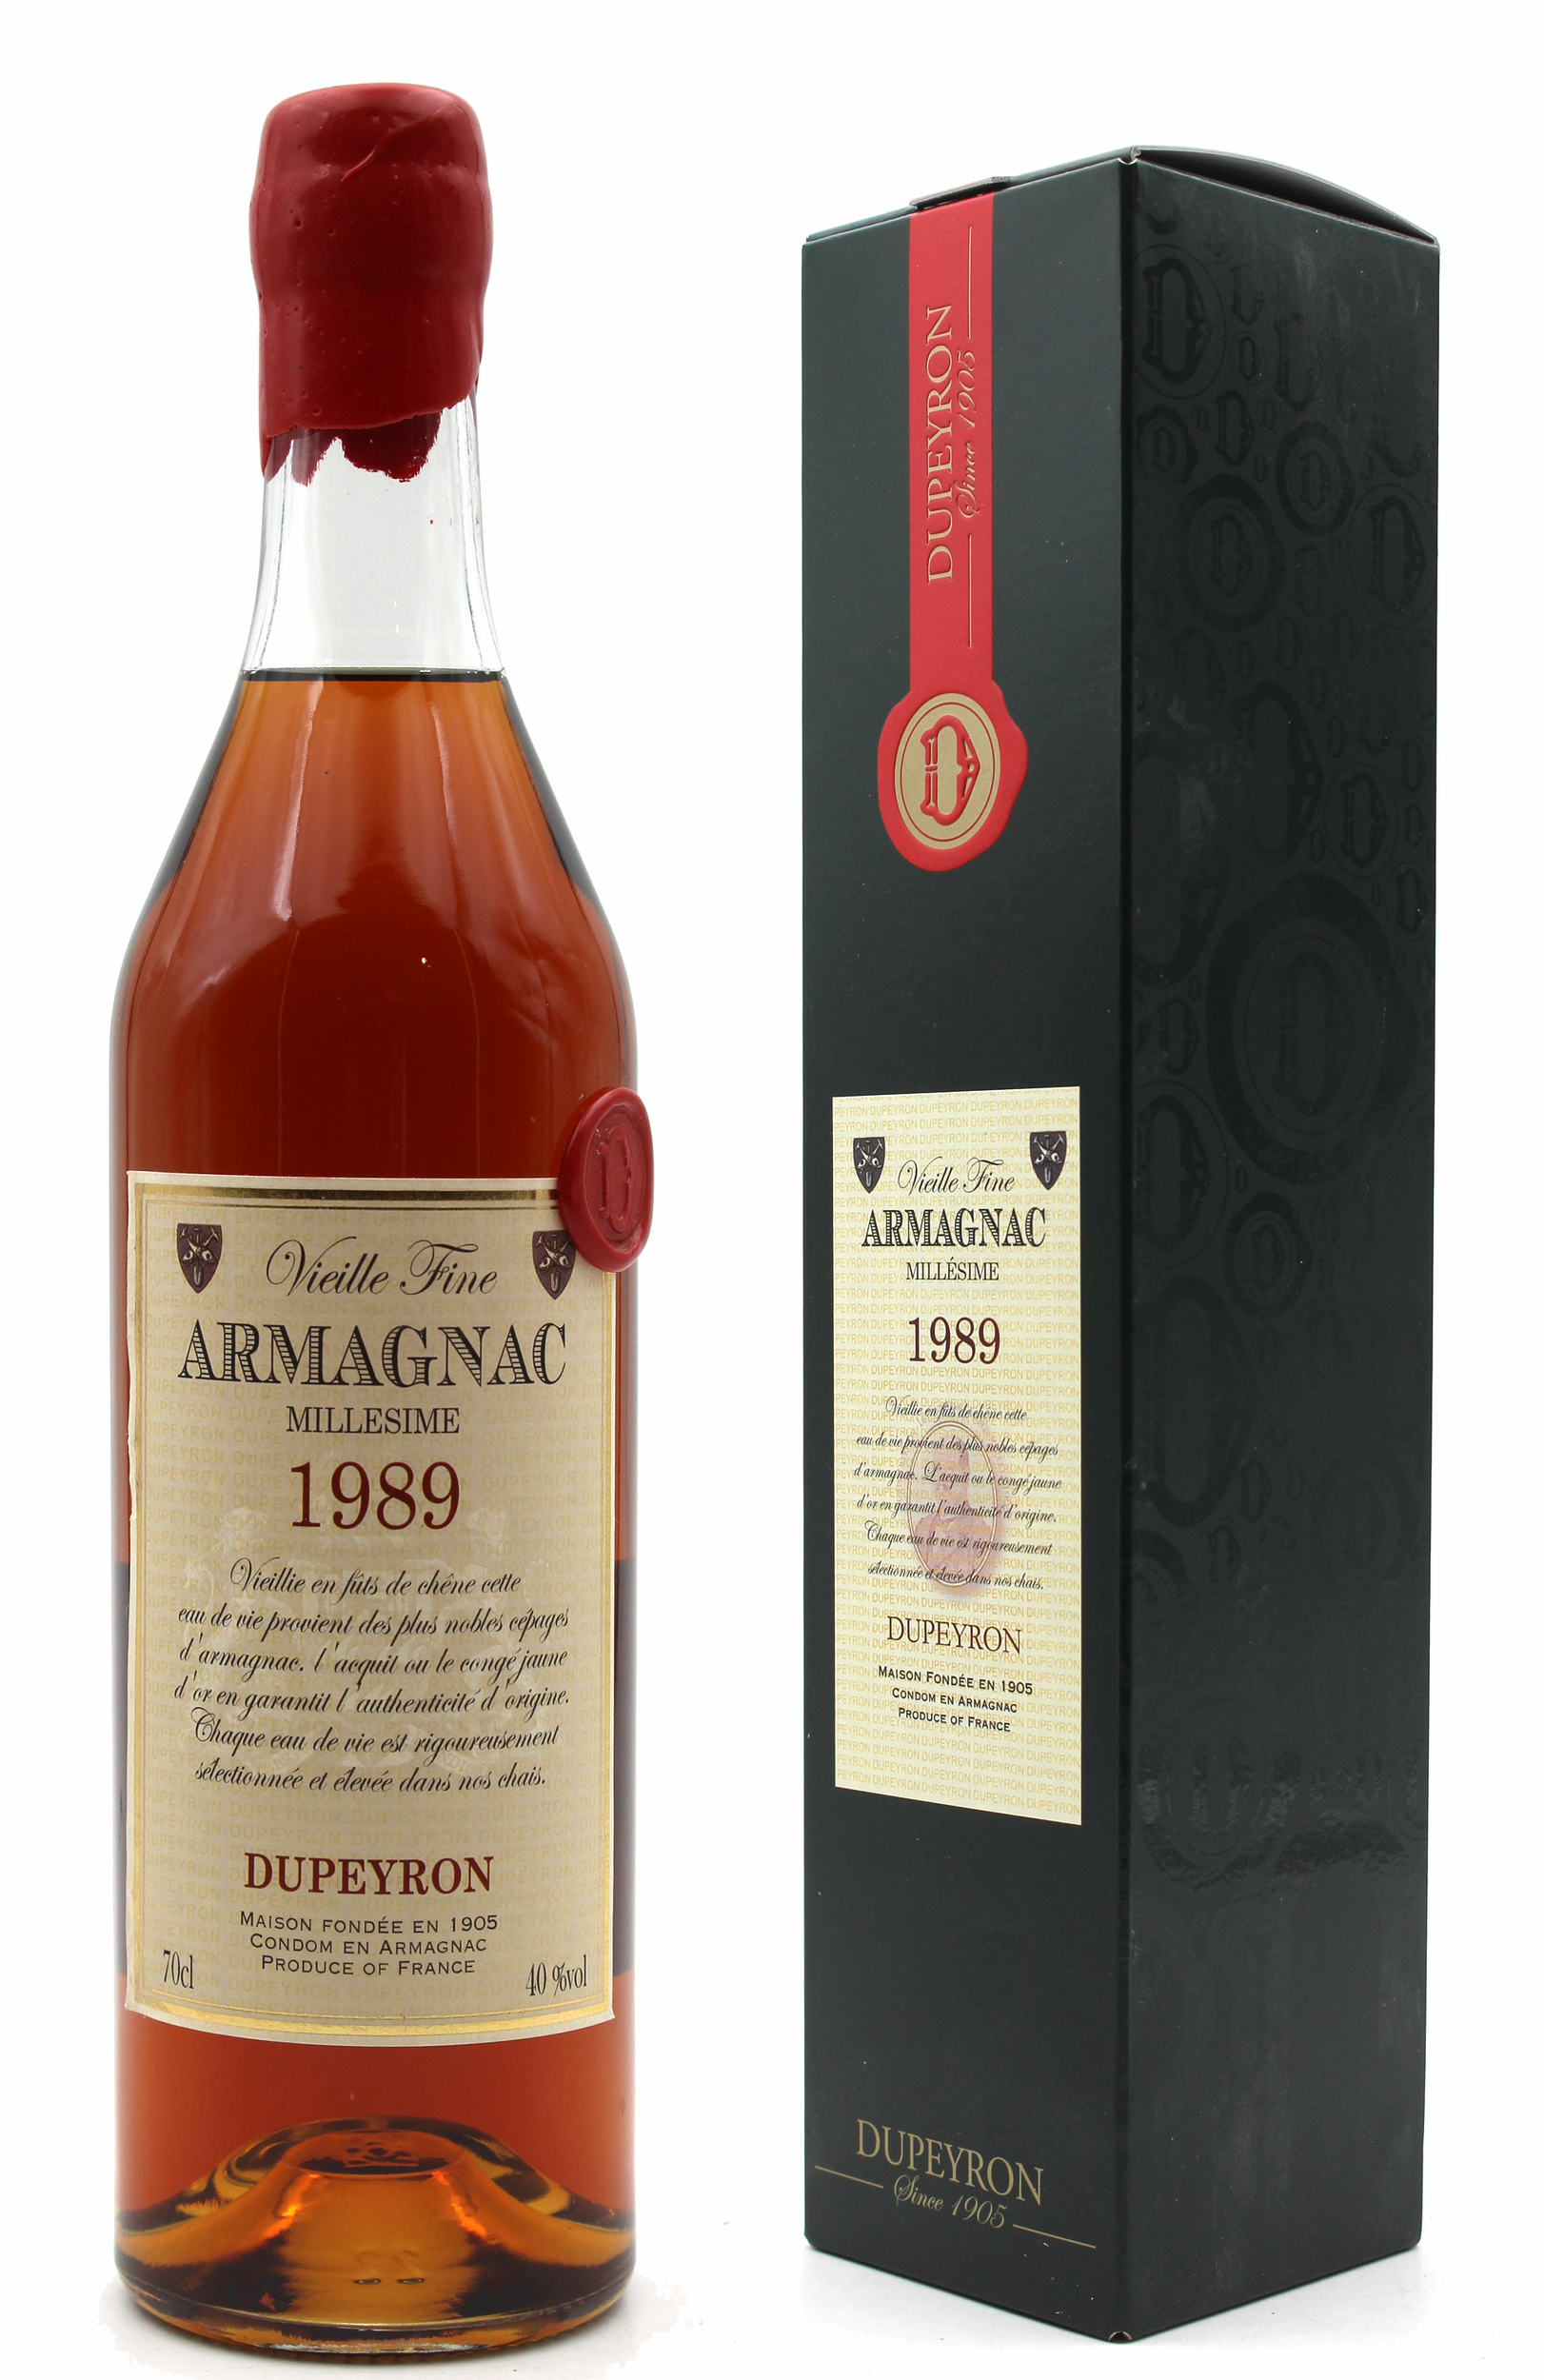 Armagnac Ryst Dupeyron 1989 - 70cl